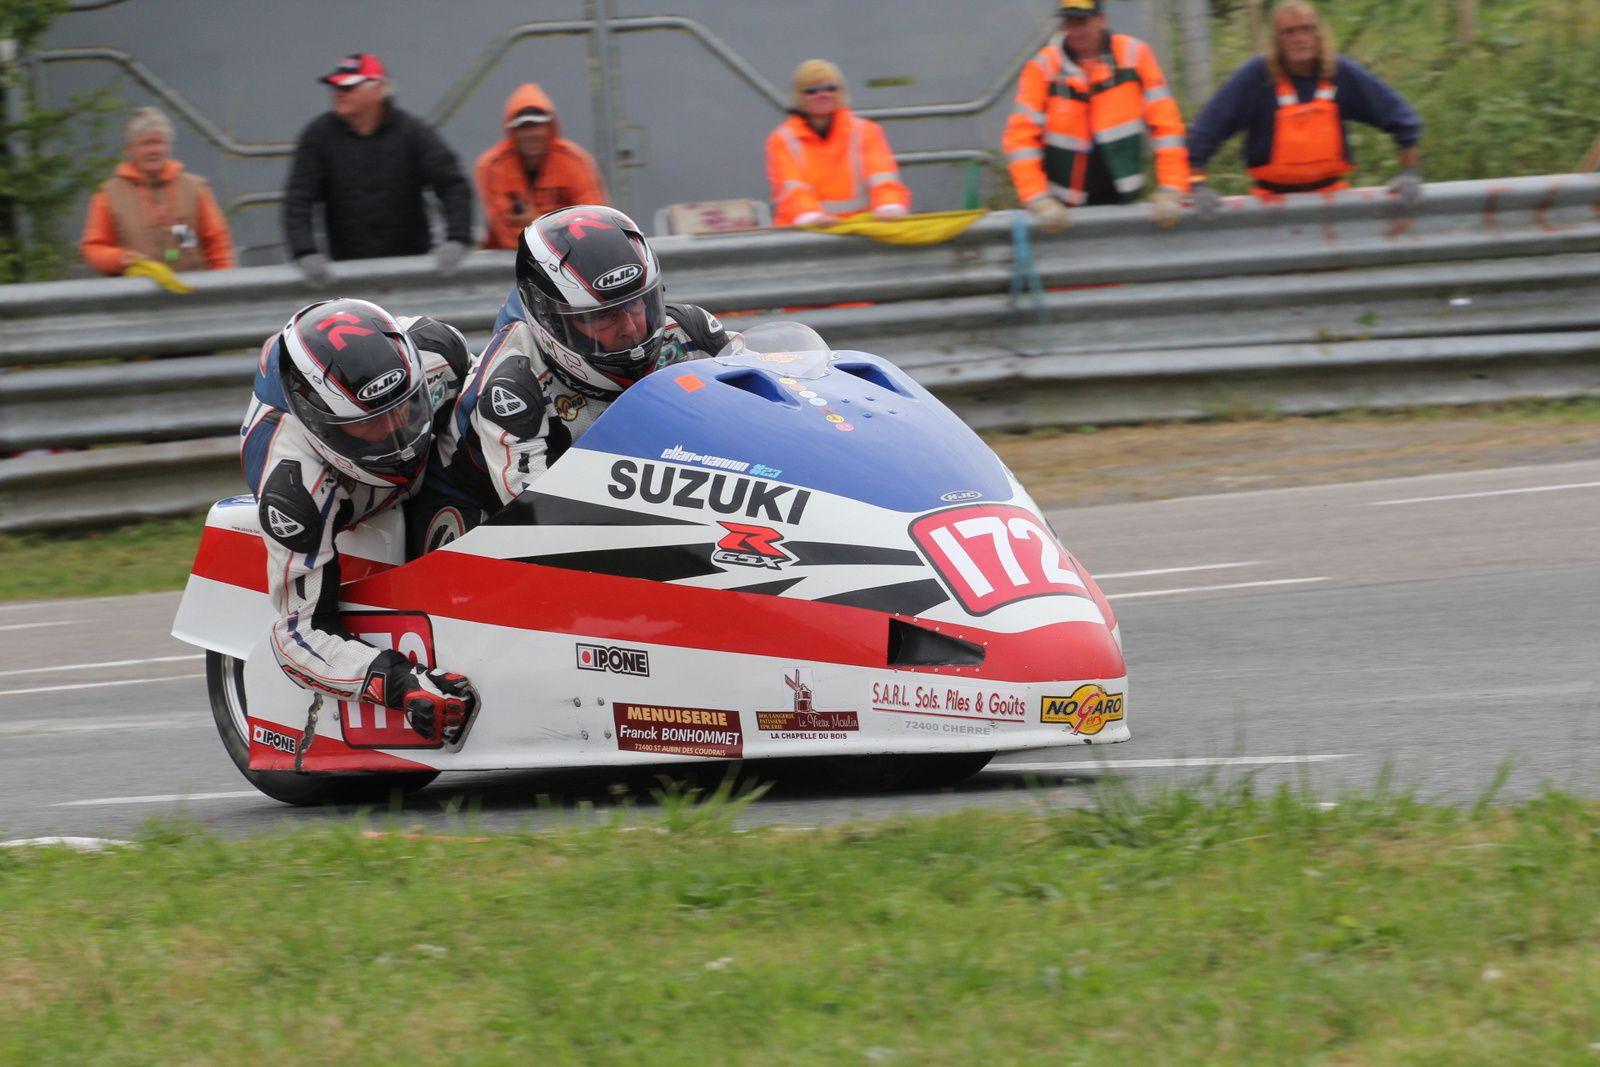 """Franck Barbier et Emmanuel Debroise portent le logo """"ellan-vannin #23"""" et s'offrent un podium en seconde manche."""